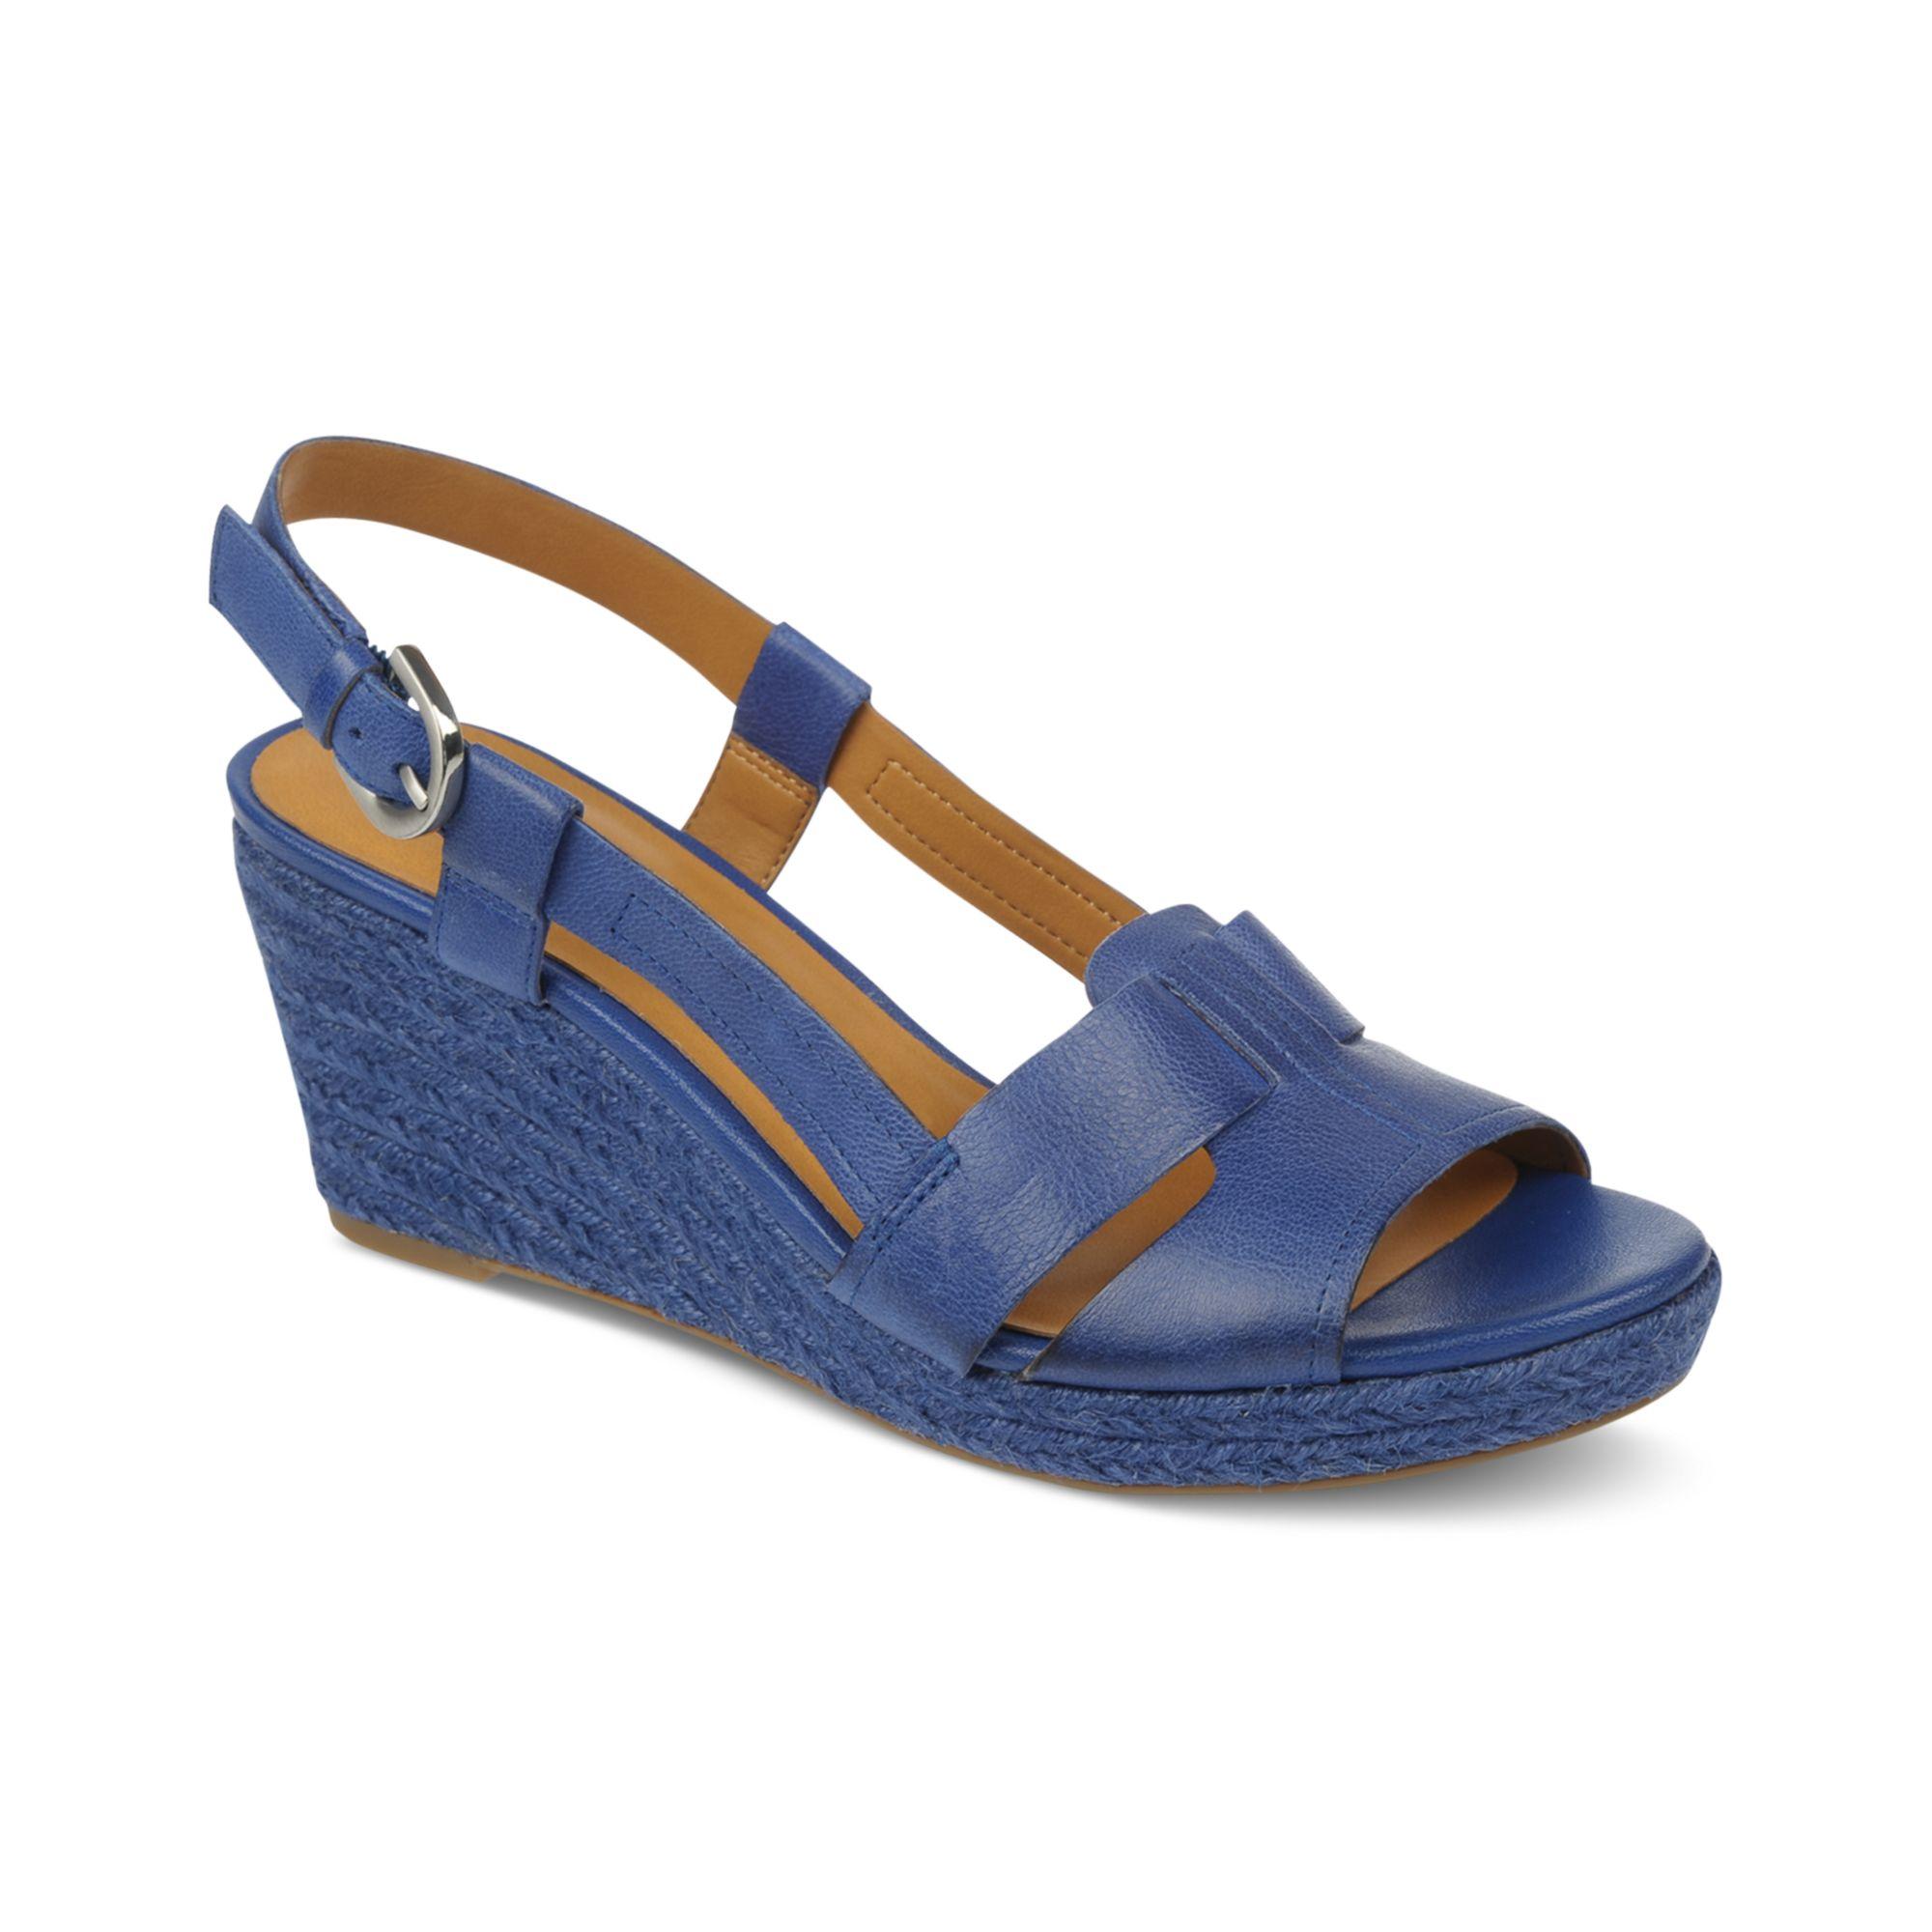 franco sarto crispin platform wedge sandals in blue royal